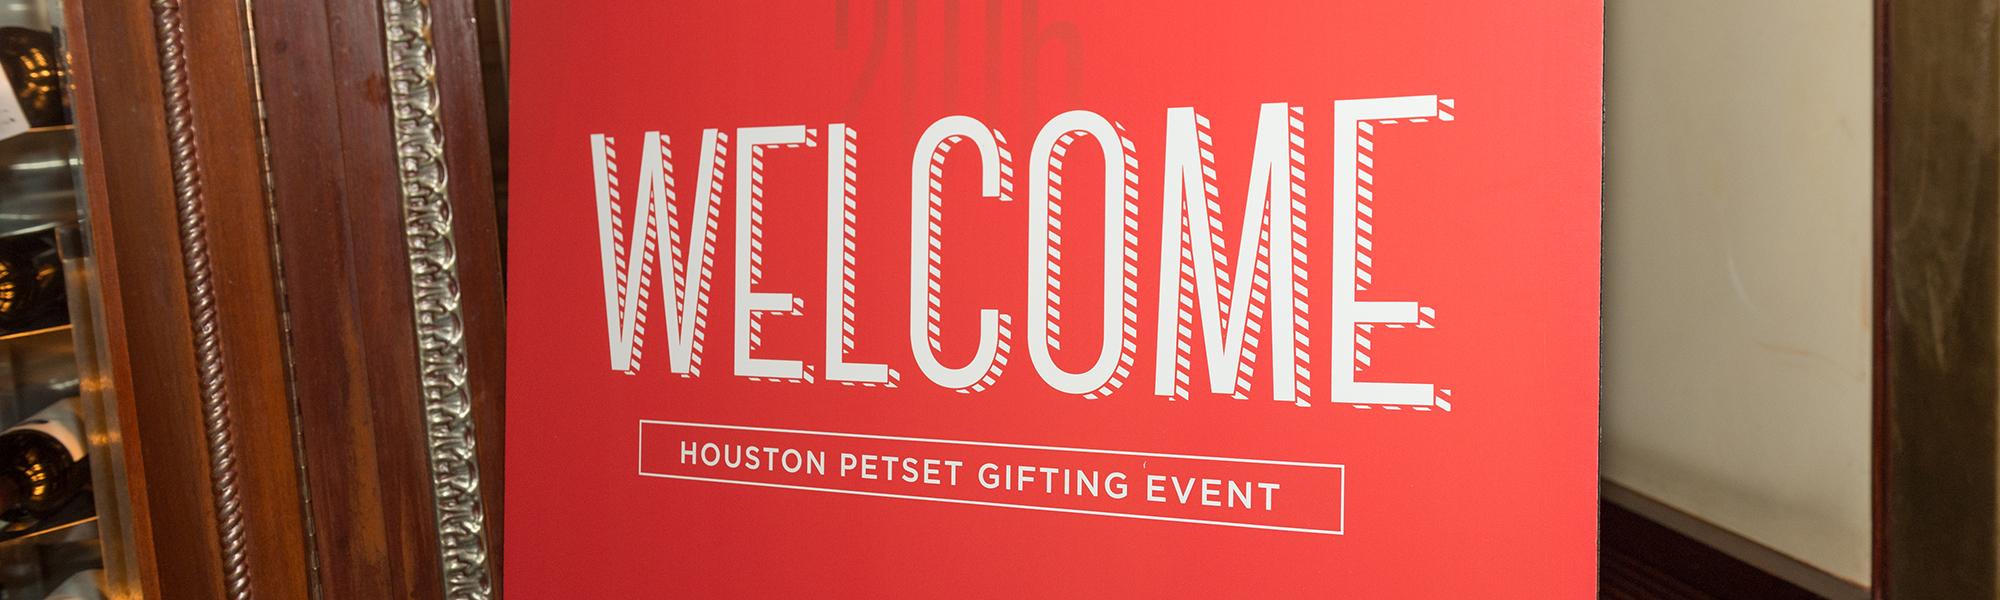 Houston Pet Set Featured Image